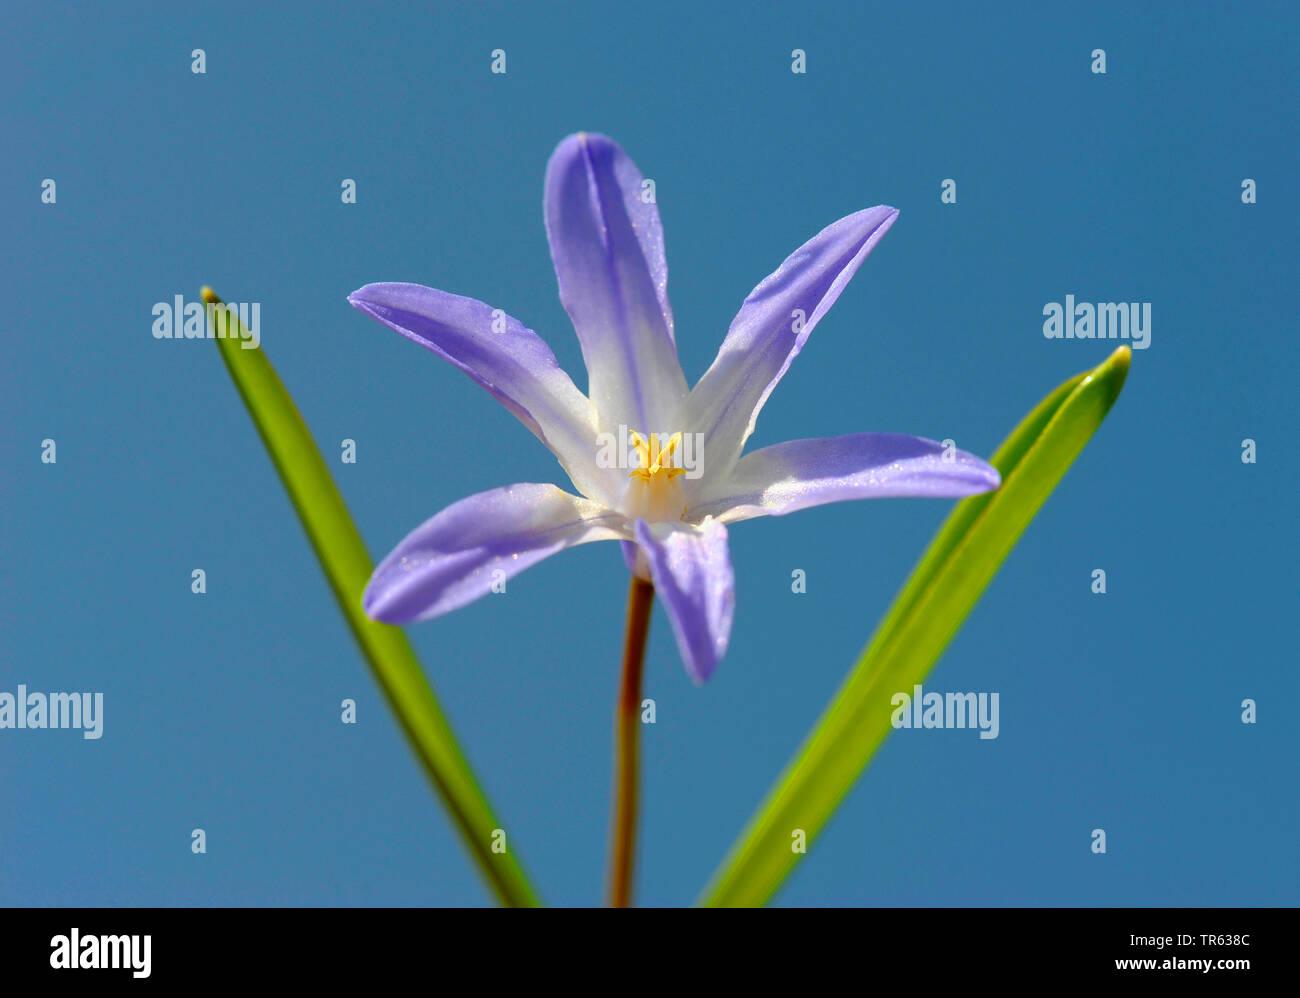 Schneeglanz, Schneestolz, Sternhyacinthe, Gewoehnliche Sternhyazinthe (Chionodoxa luciliae, Scilla luciliae, Chionodoxa luciliae), Einzelbluete mit Bl Stock Photo